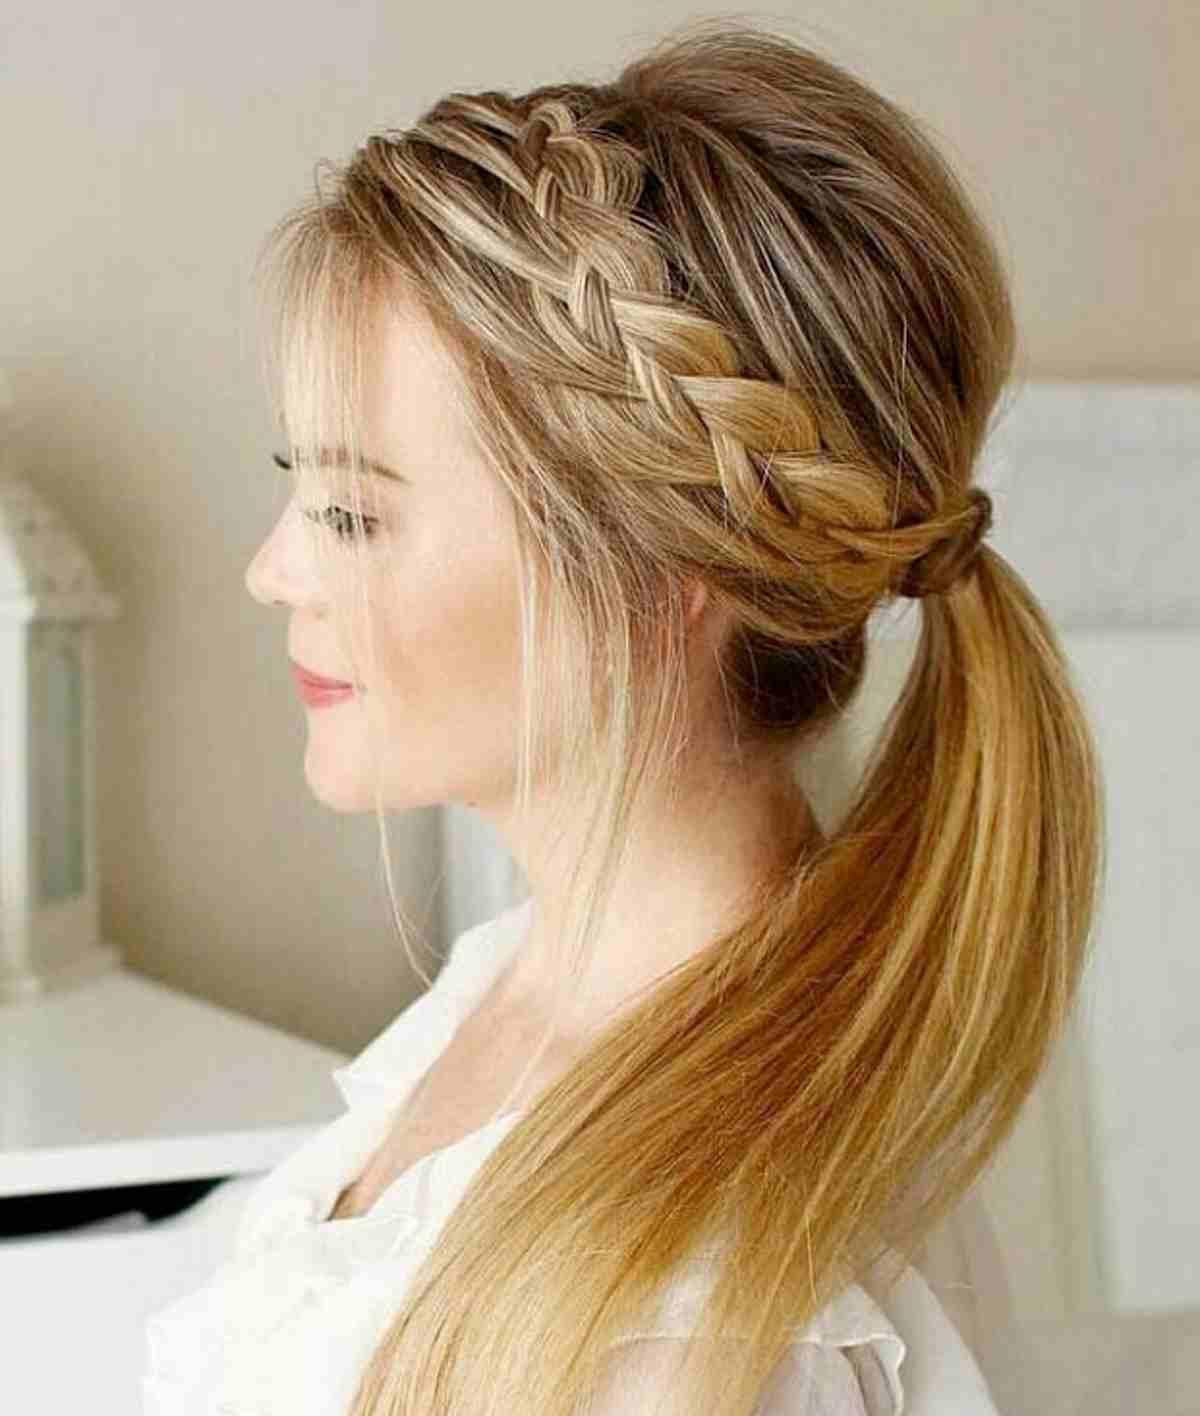 Acconciatura capelli lunghe treccia